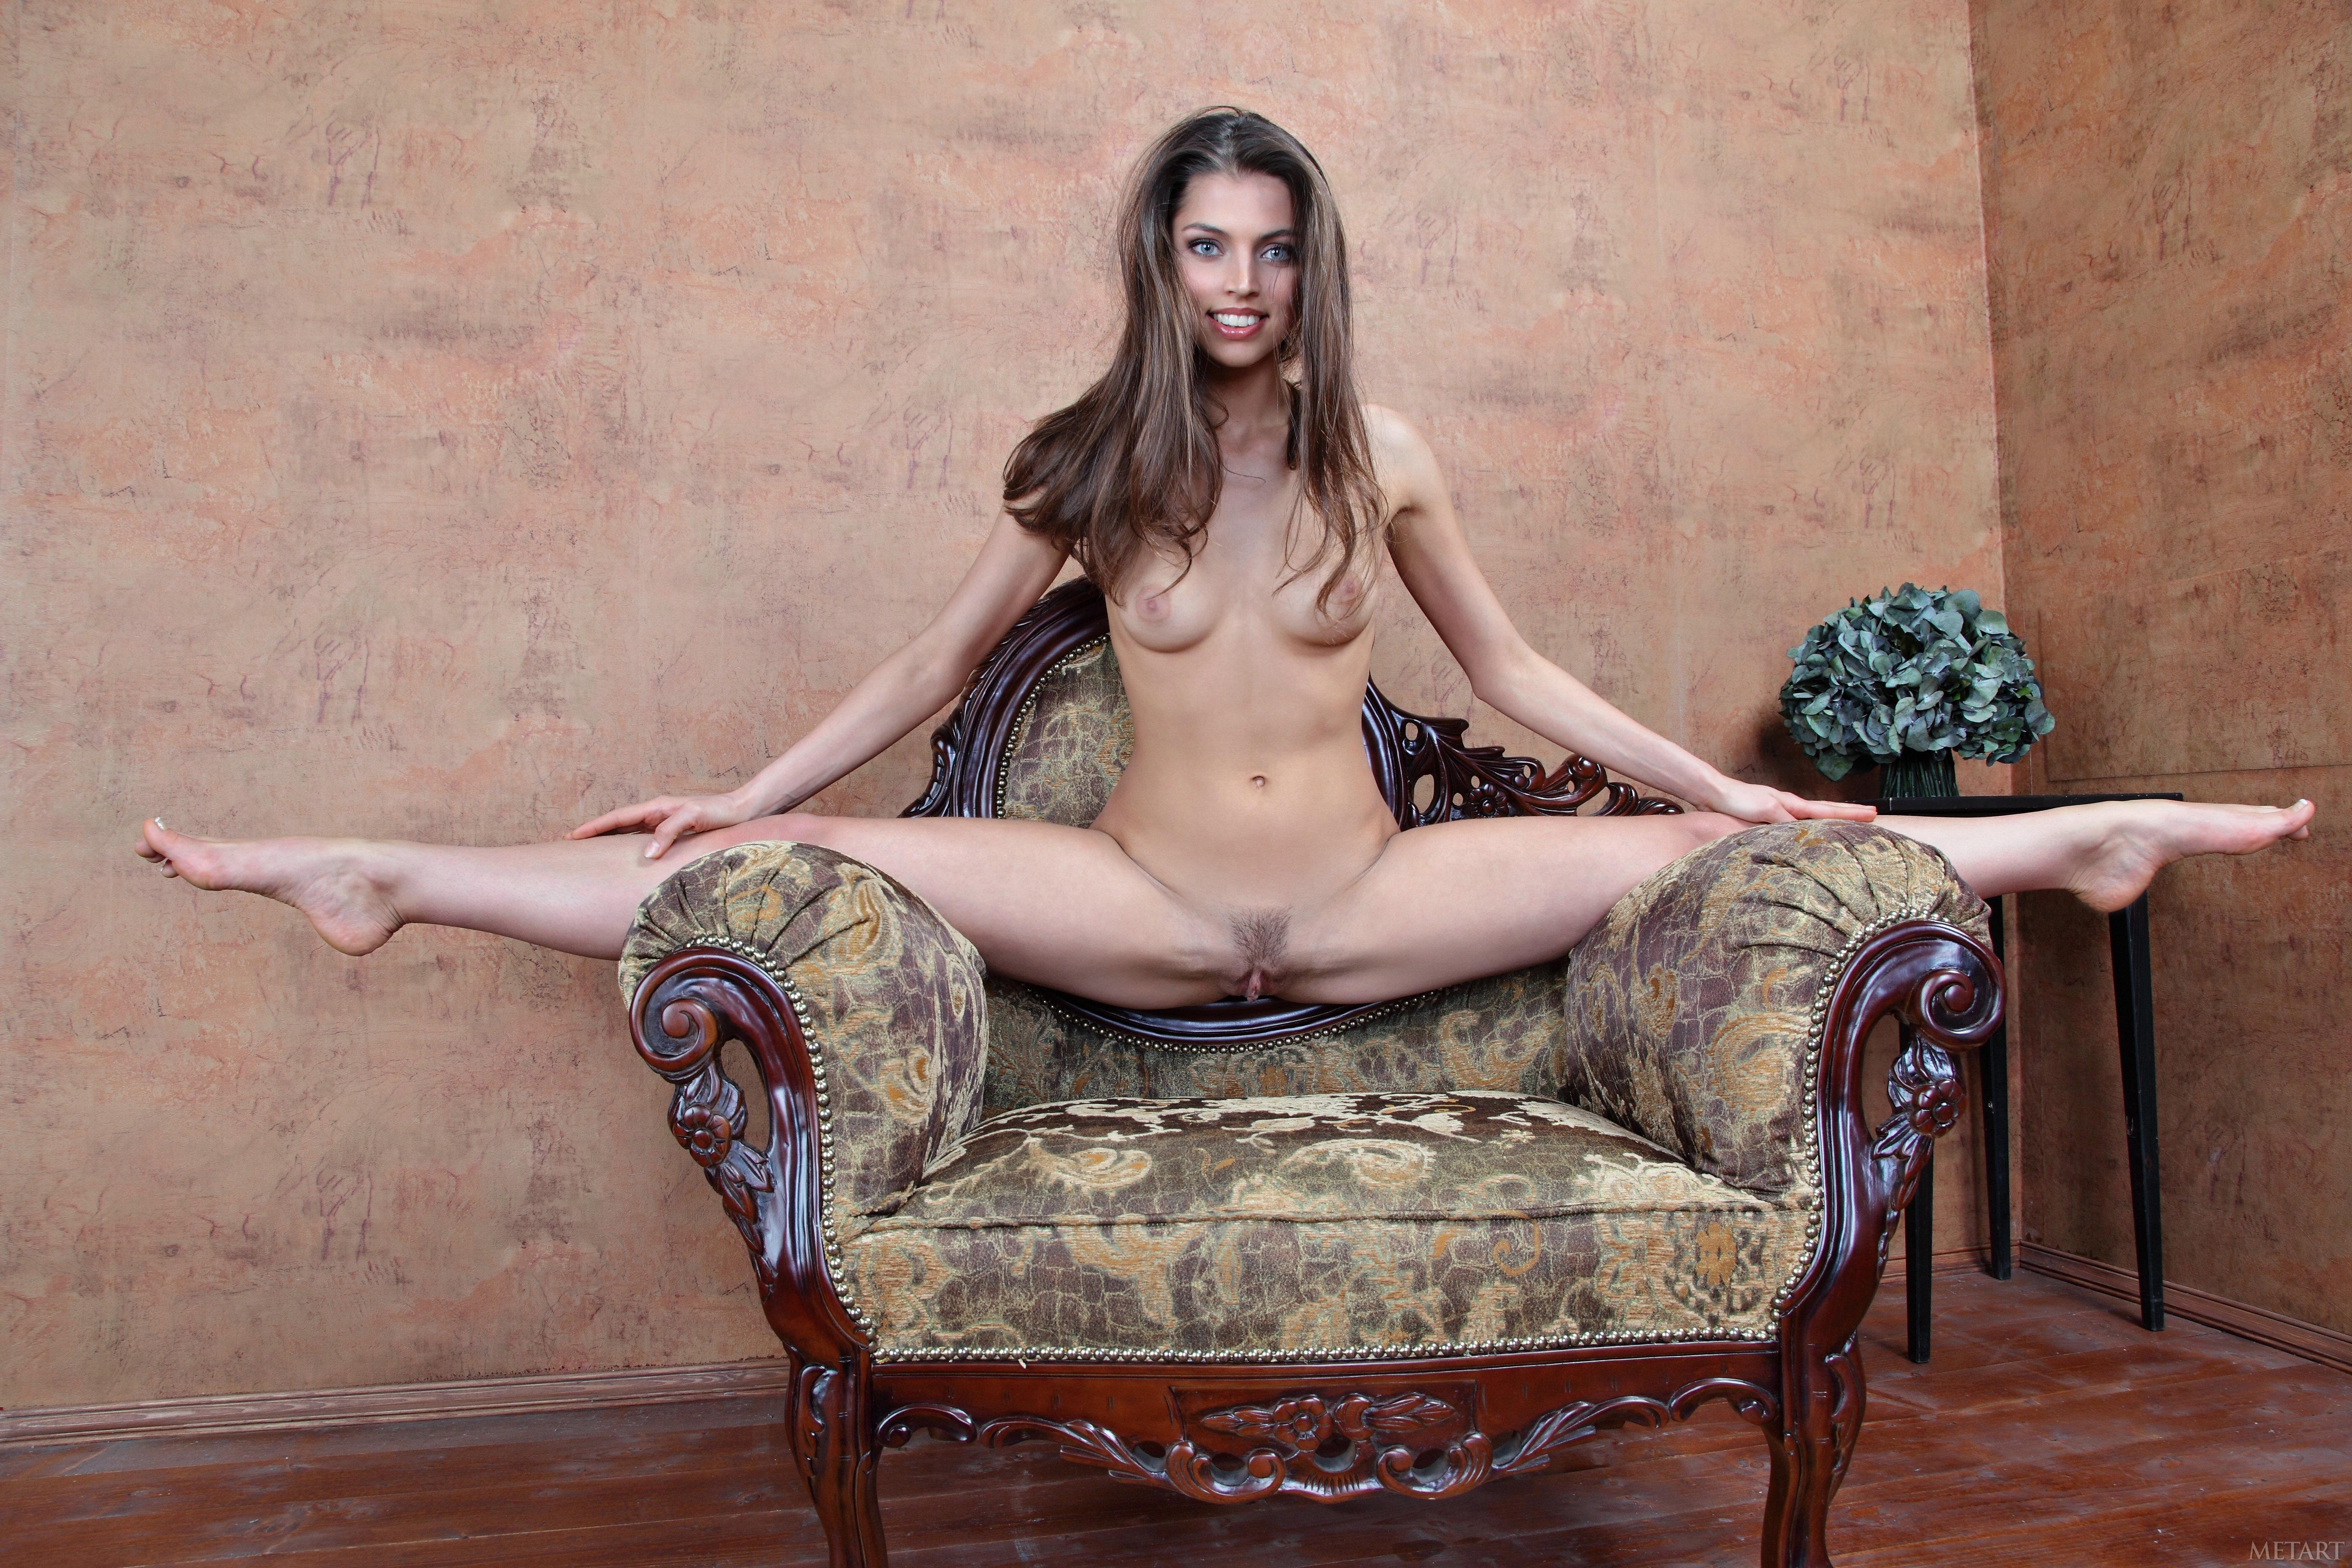 topic, about bikini wax matchless message